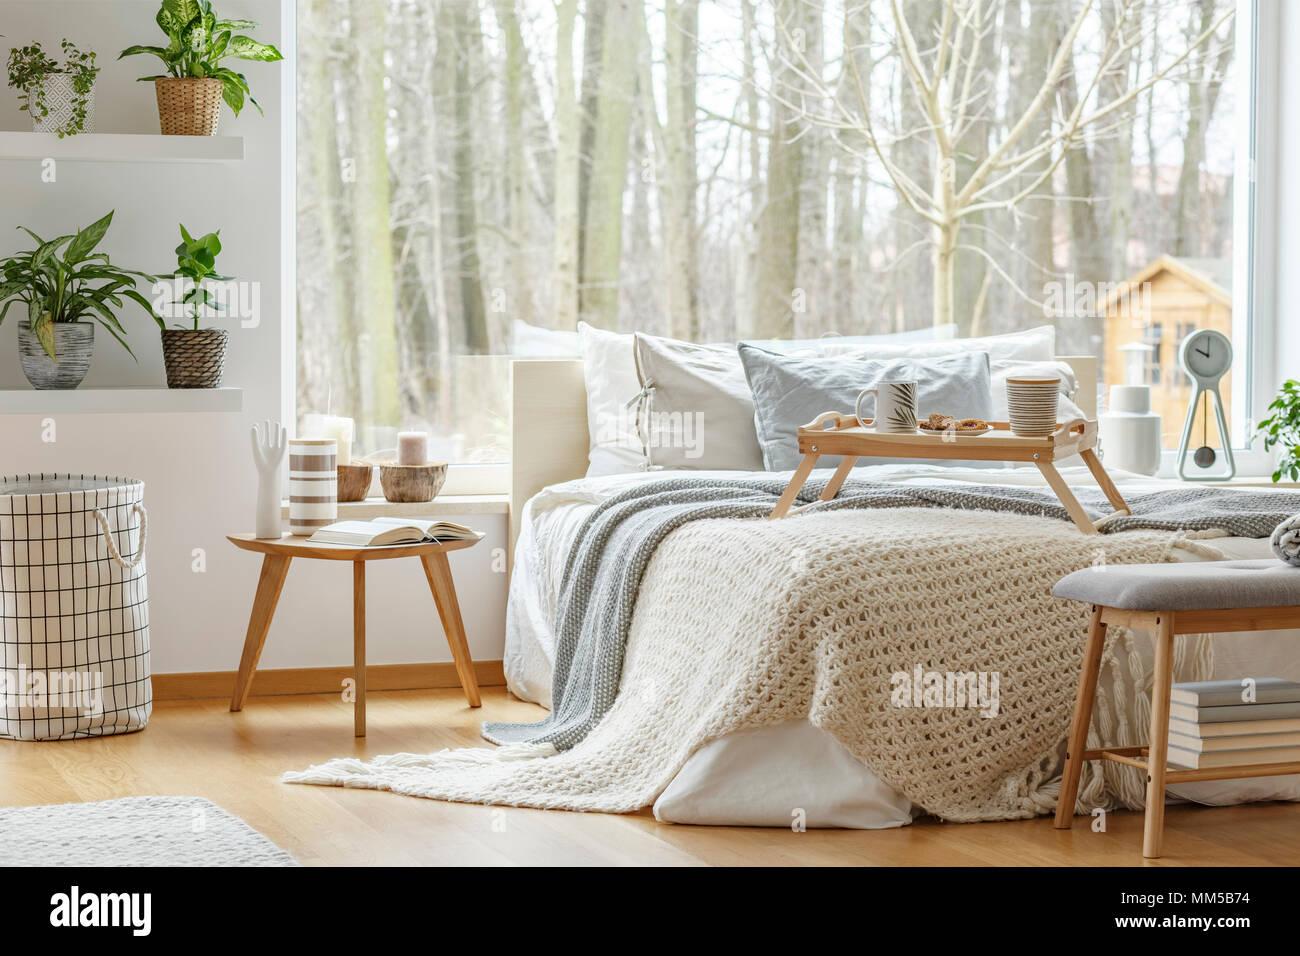 Buchen Sie auf hölzernen Tisch neben dem Bett im Schlafzimmer ...